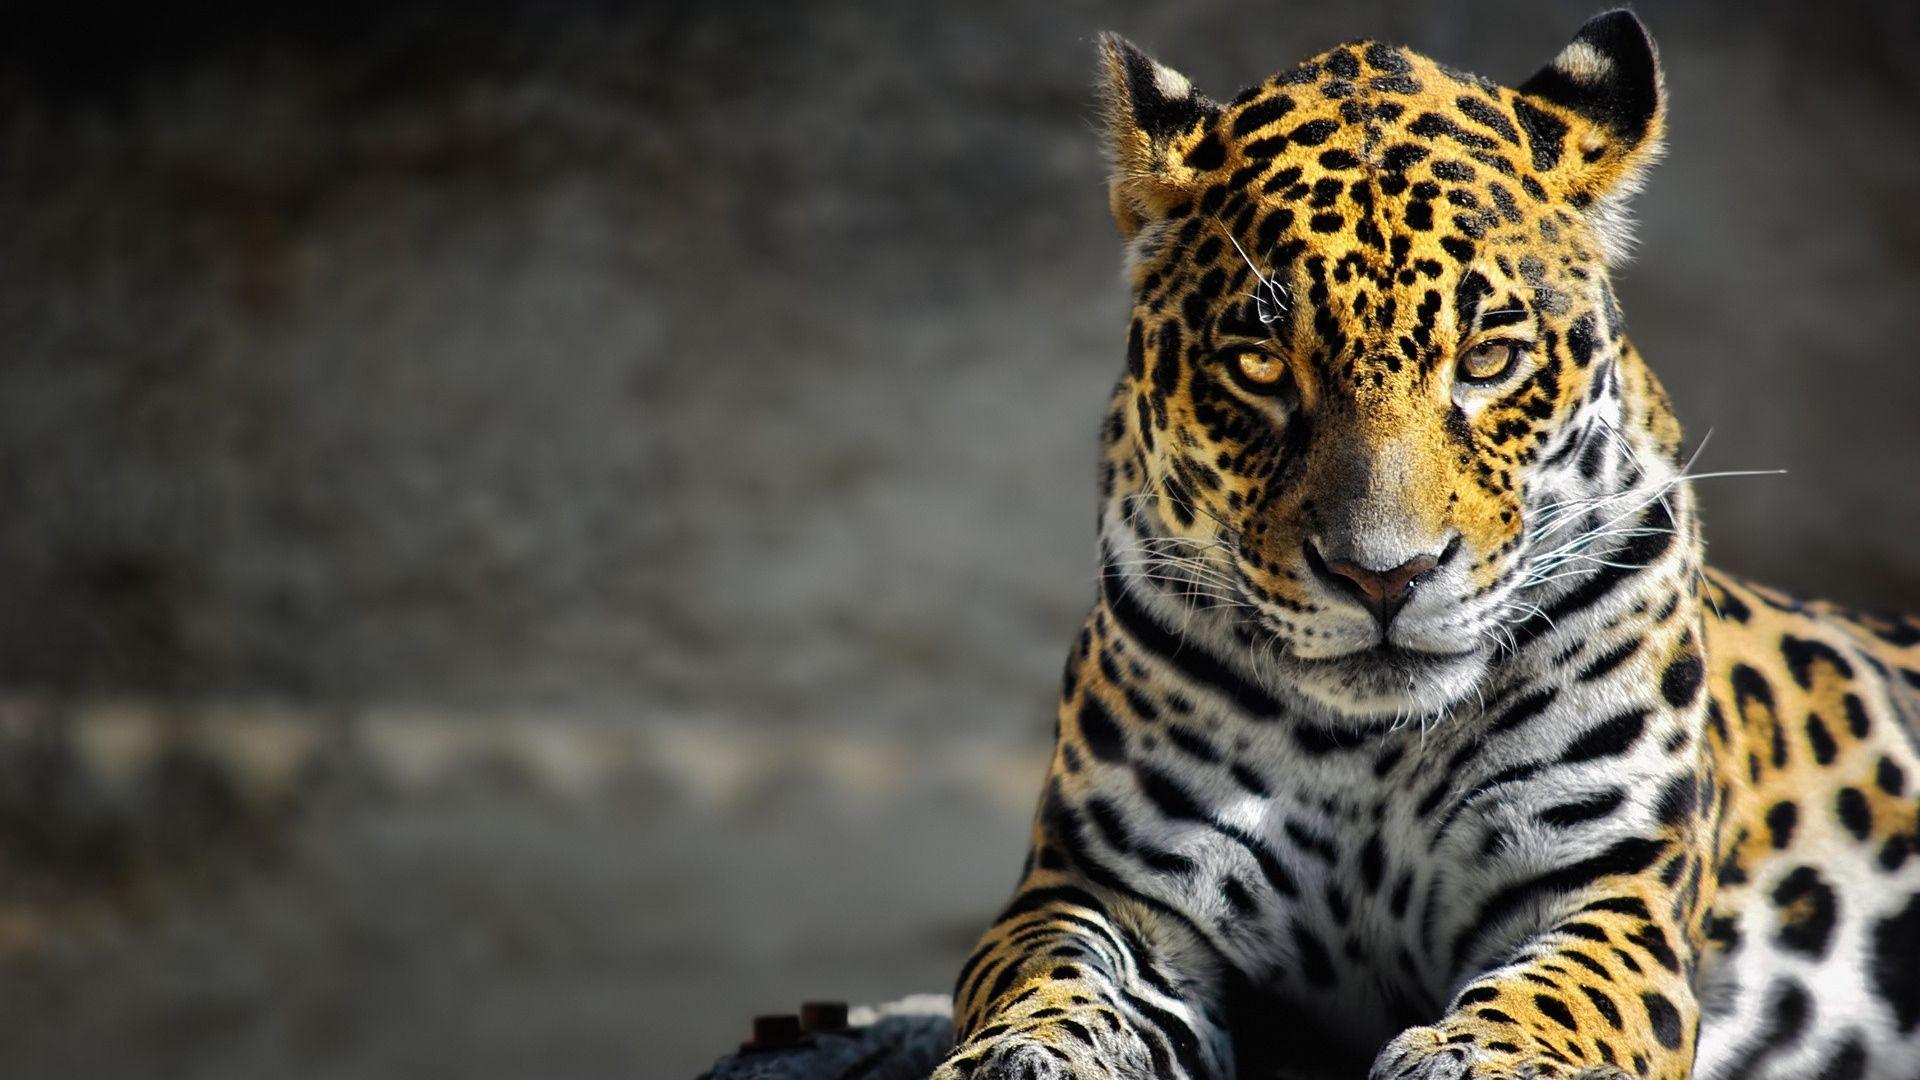 Wallpaper Cheetah, Lie, Wild Cat, Spotted